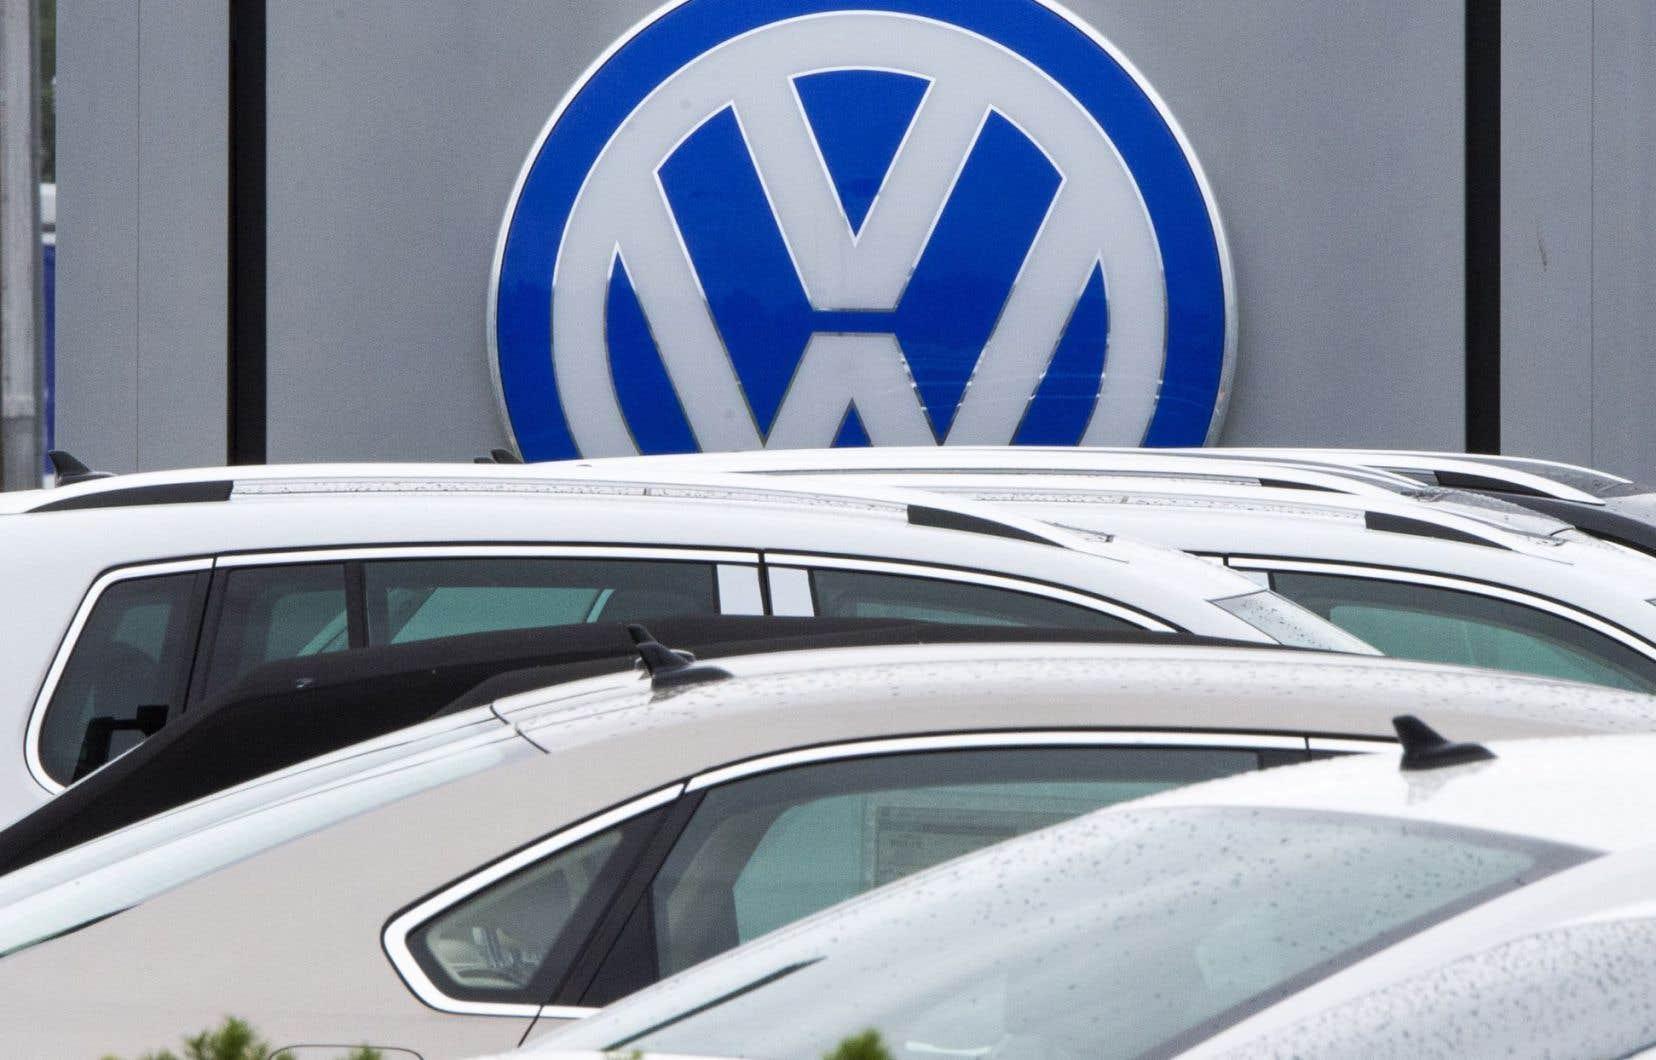 Le « dieselgate » a déjà fait fondre la capitalisation boursière de Volkswagen, a plombé ses ventes aux États-Unis, et lui a valu en 2015 sa première perte annuelle en vingt ans.